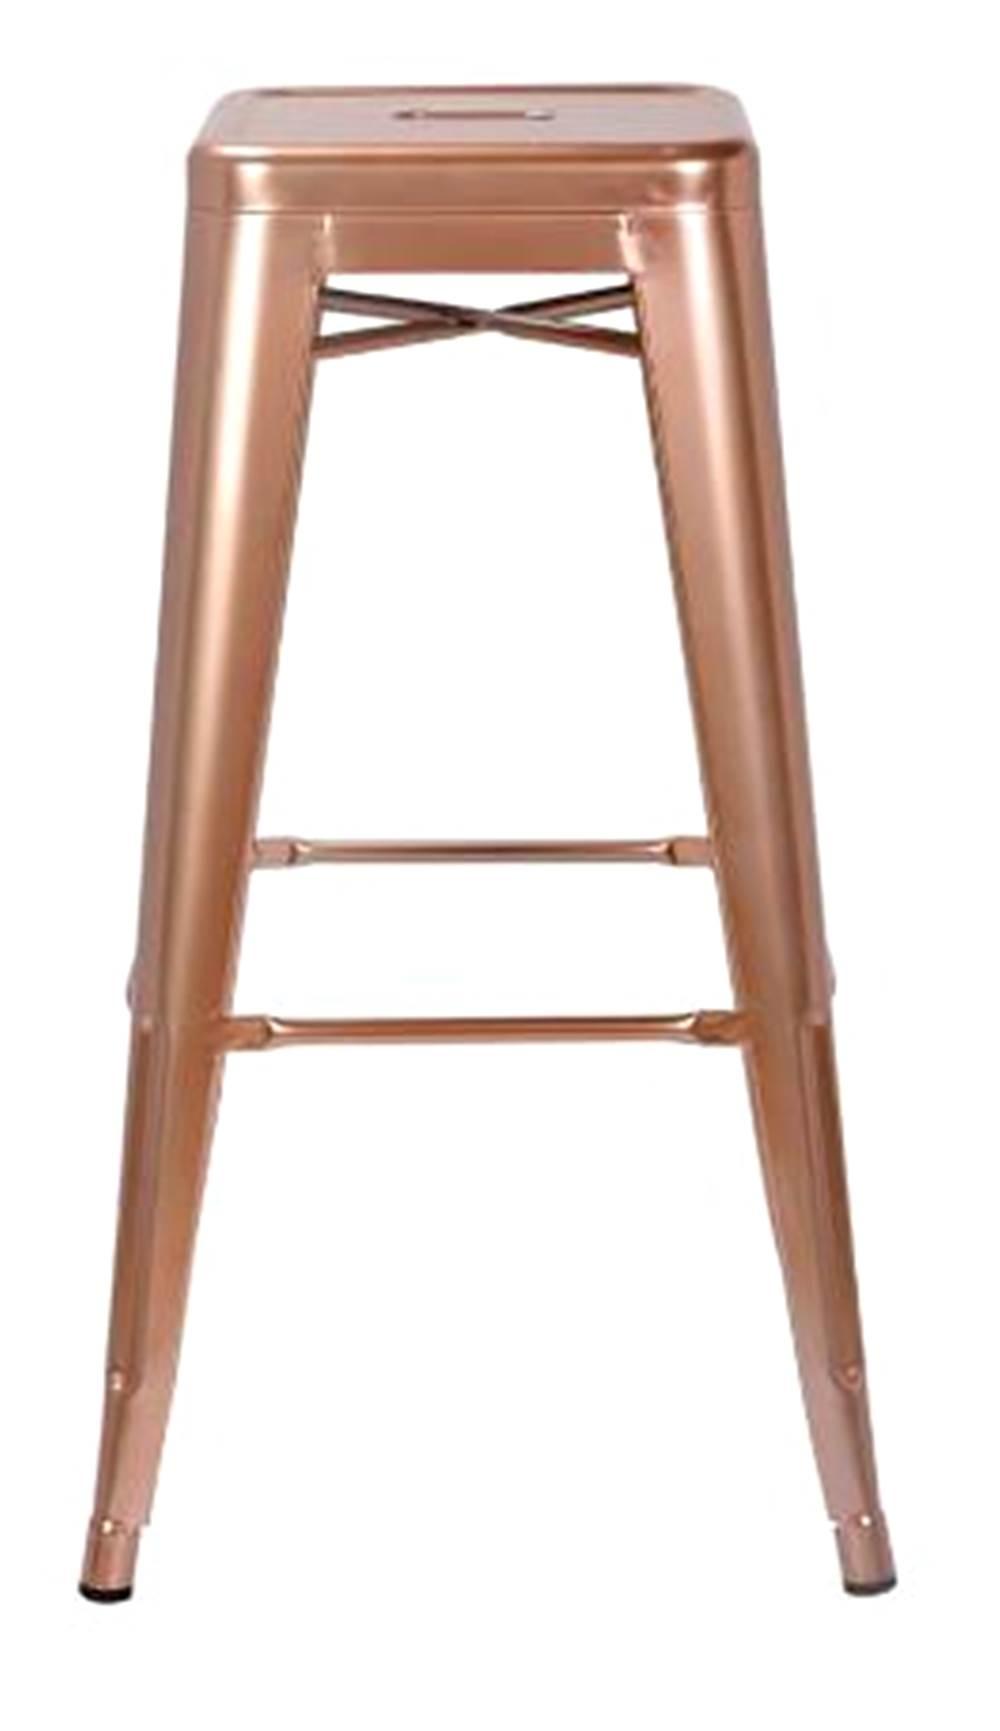 Banqueta Iron Tolix Cobre 77 cm (ALT) - 44066